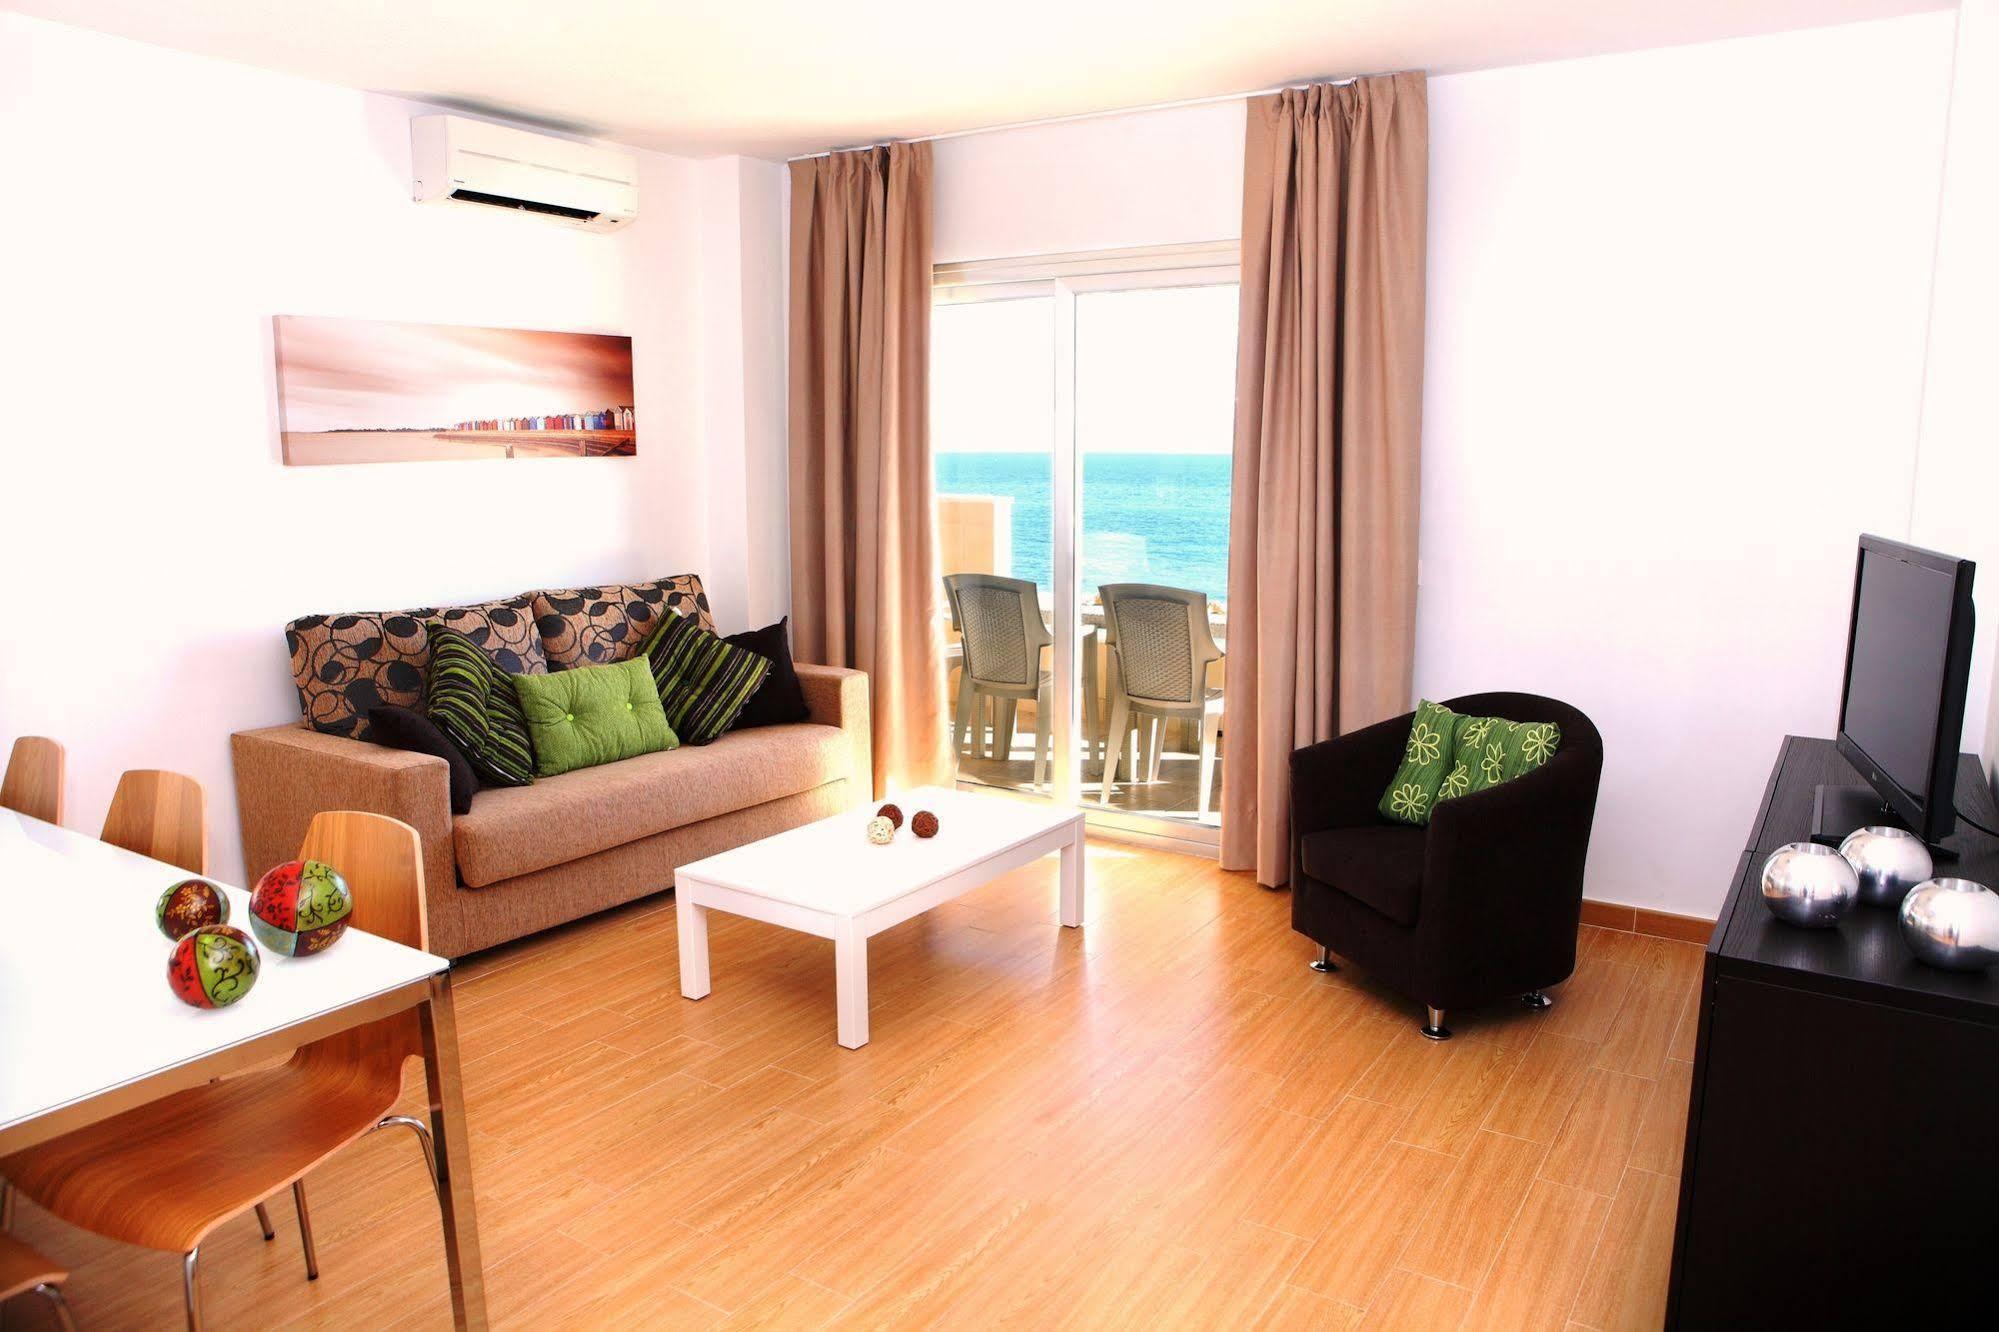 Apartamentos vega sol playa en fuengirola costa del sol - Cortinas fuengirola ...